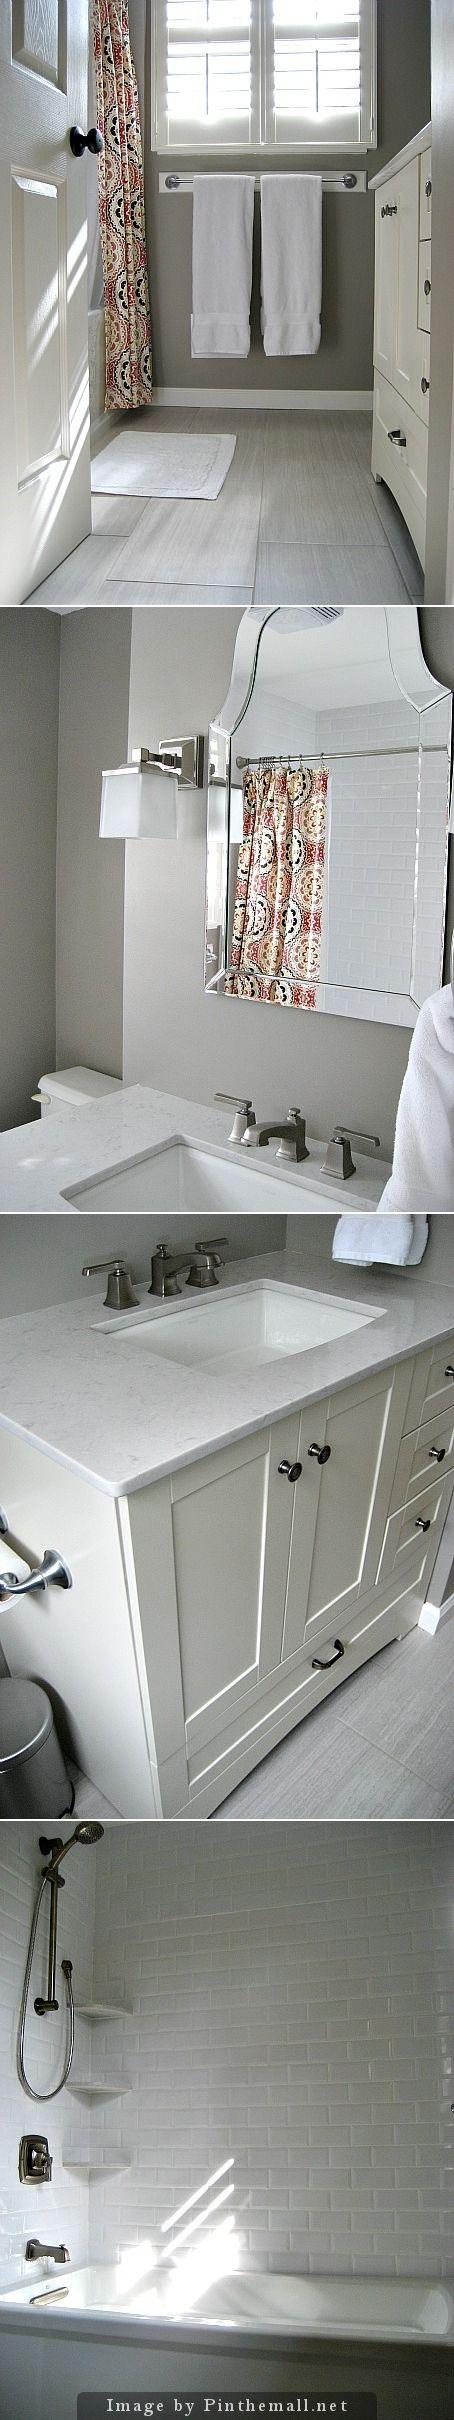 96 best SILESTONE bathroom images on Pinterest Bathroom ideas